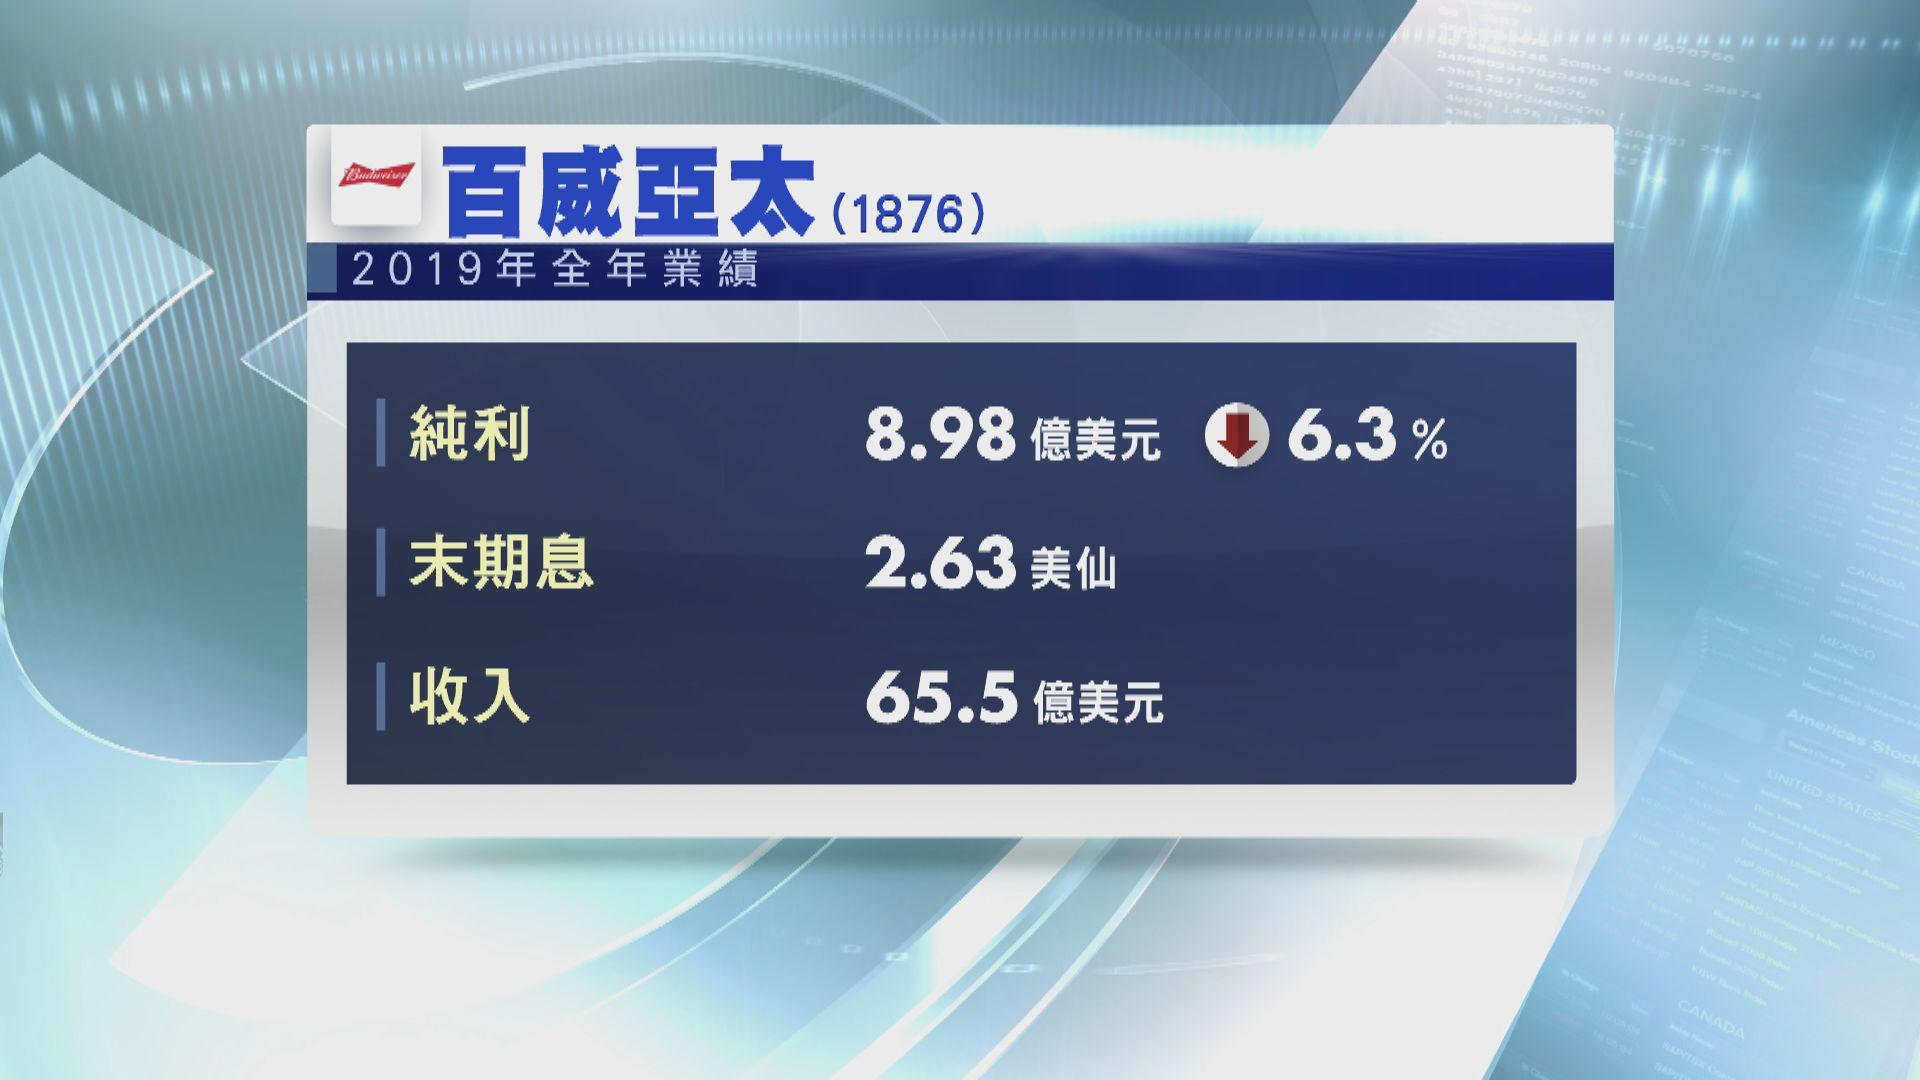 【飲勝?!】百威亞太去年盈收遜預期 難料疫情影響